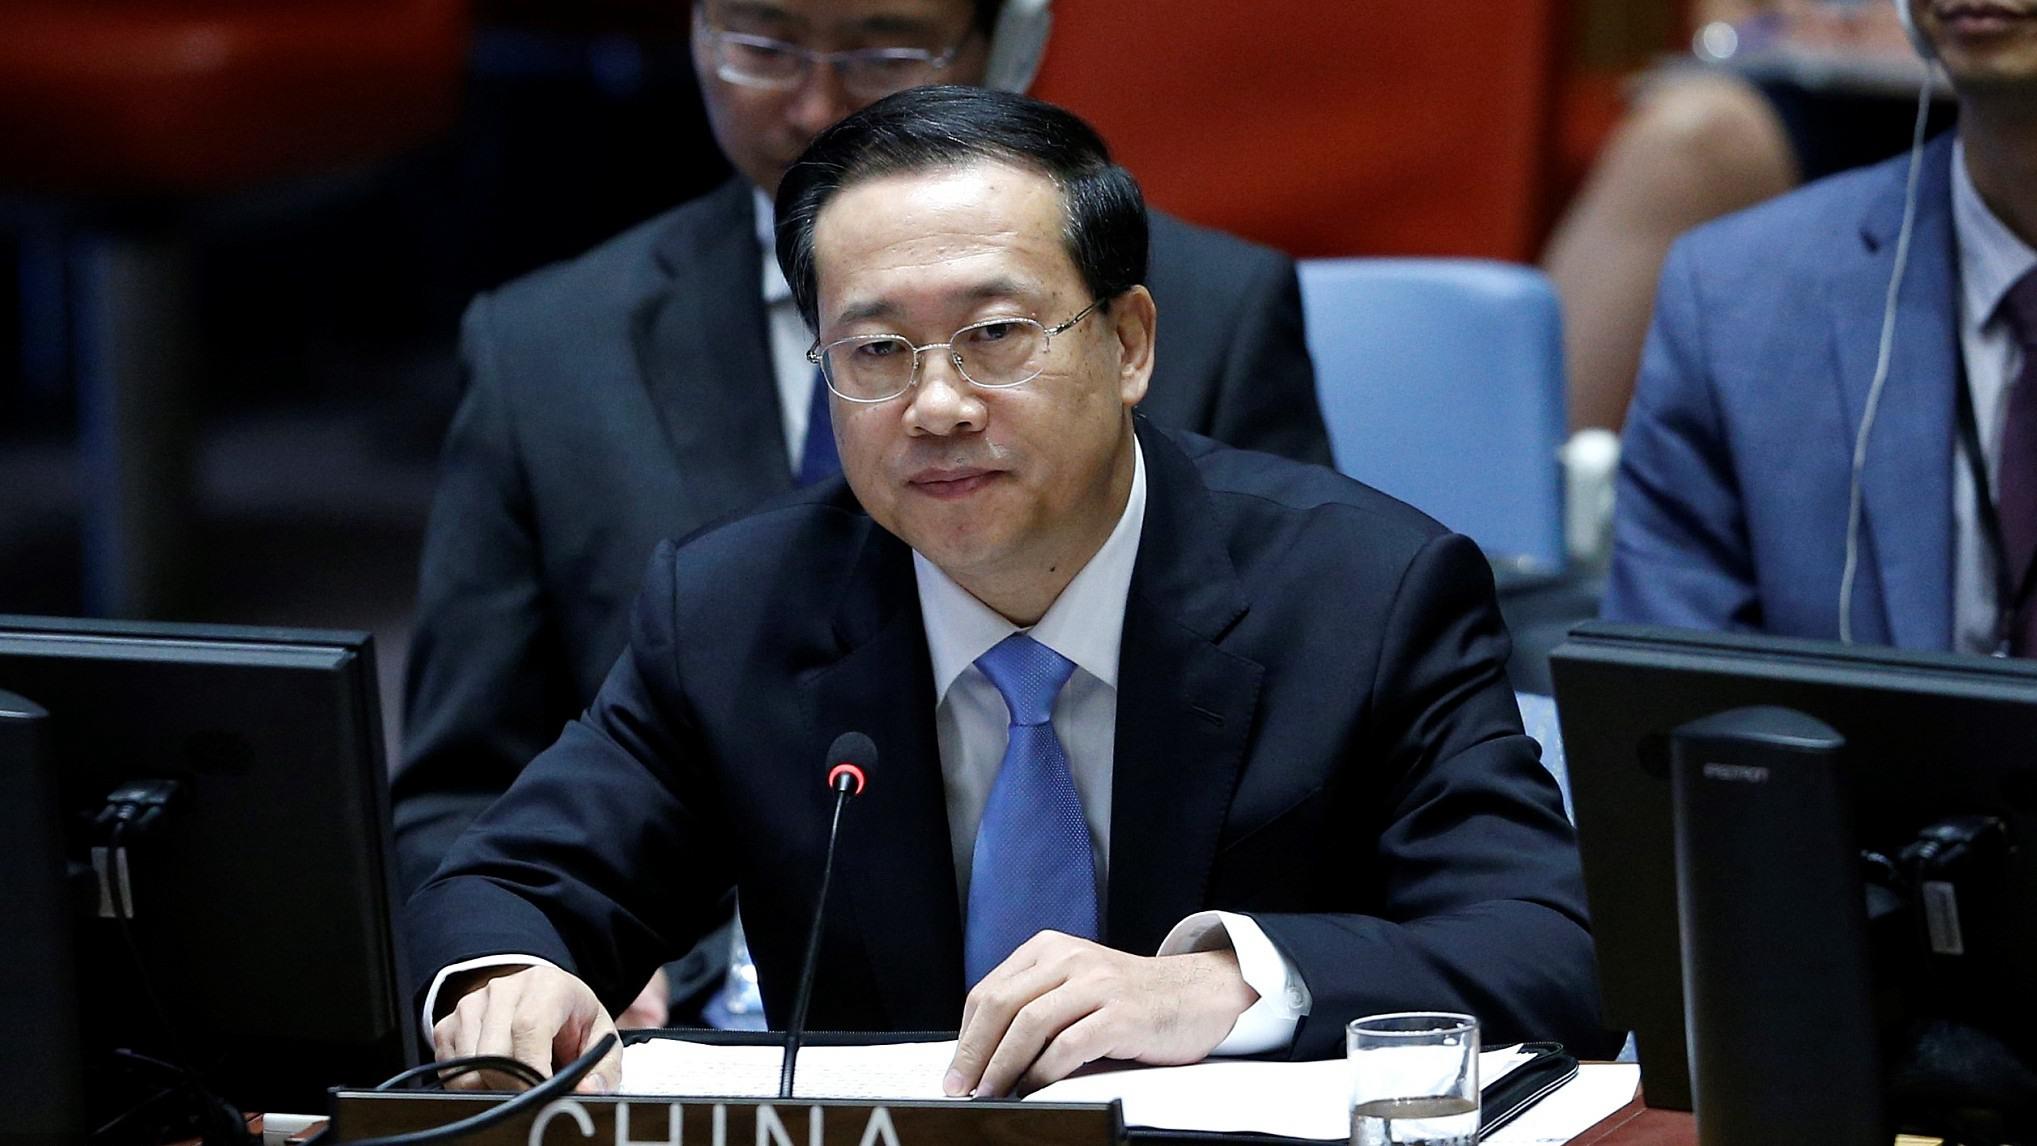 nation chinas sentencing - HD2037×1146